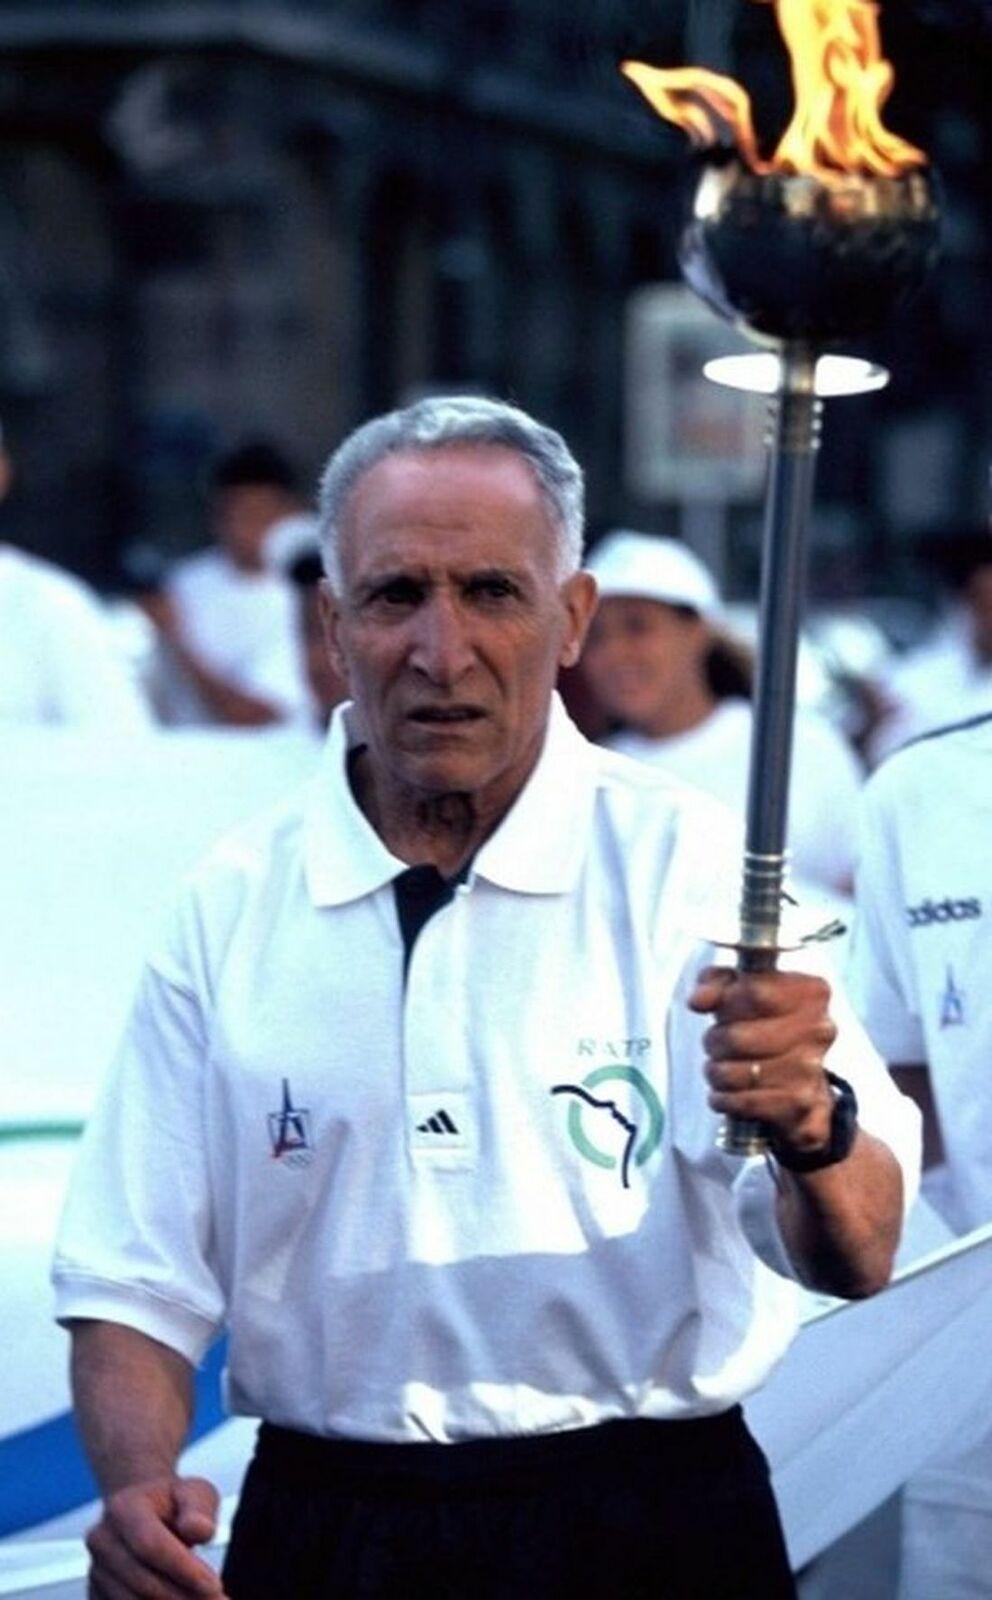 Alain Mimoun en 1994 et la flamme olympique, lors de la cérémonie d'ouverture du Congrès du Centenaire du CIO à Paris.